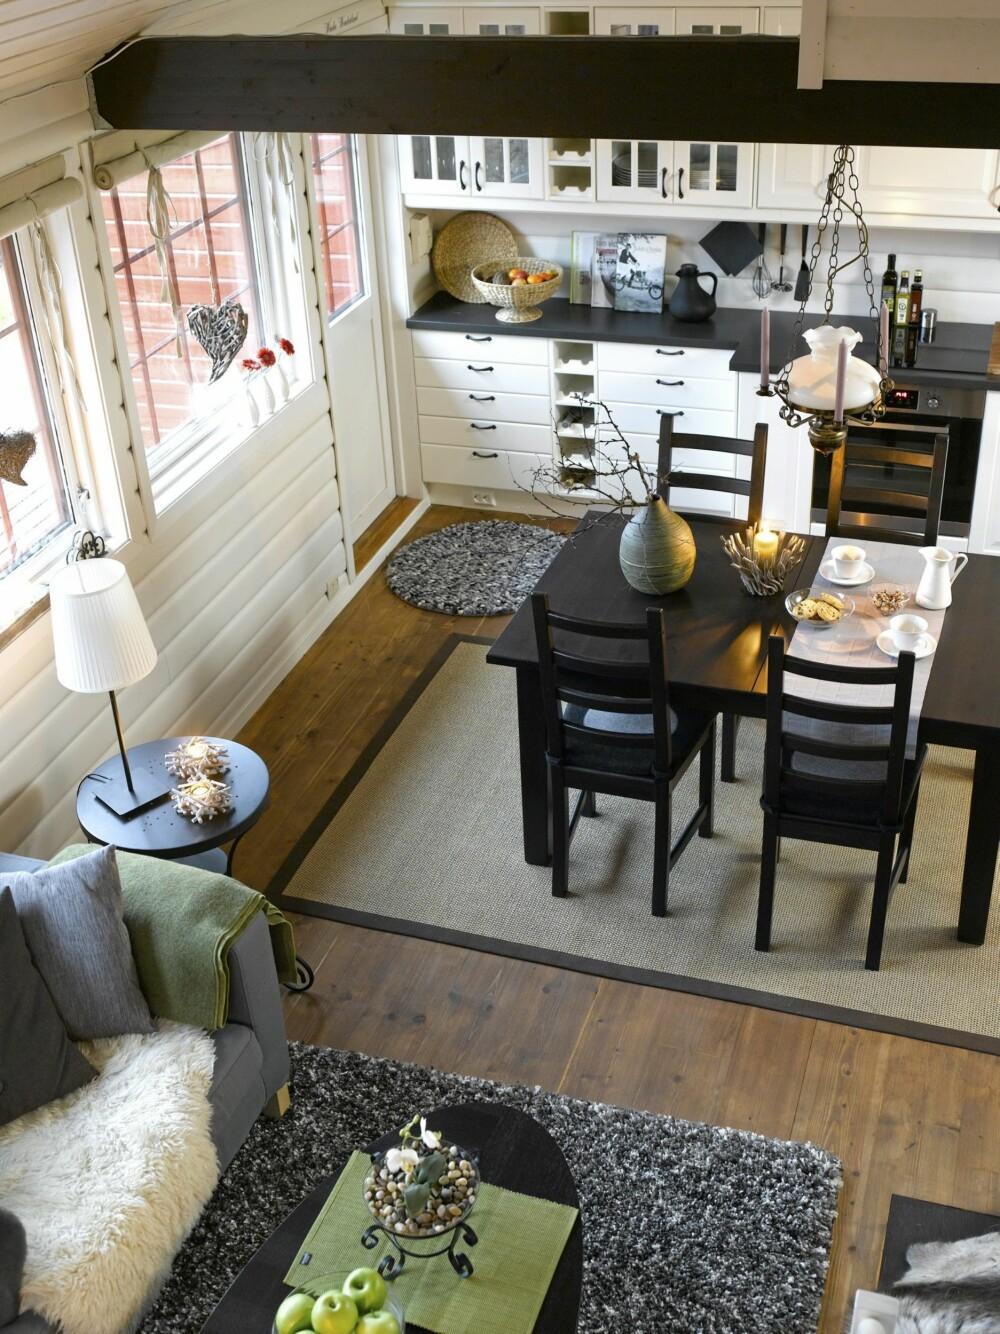 ROMSLIG: Med den nye kjøkken- og stueløsningen har  familien Gorgas fått et romsligere, lysere og mer praktisk interiør.